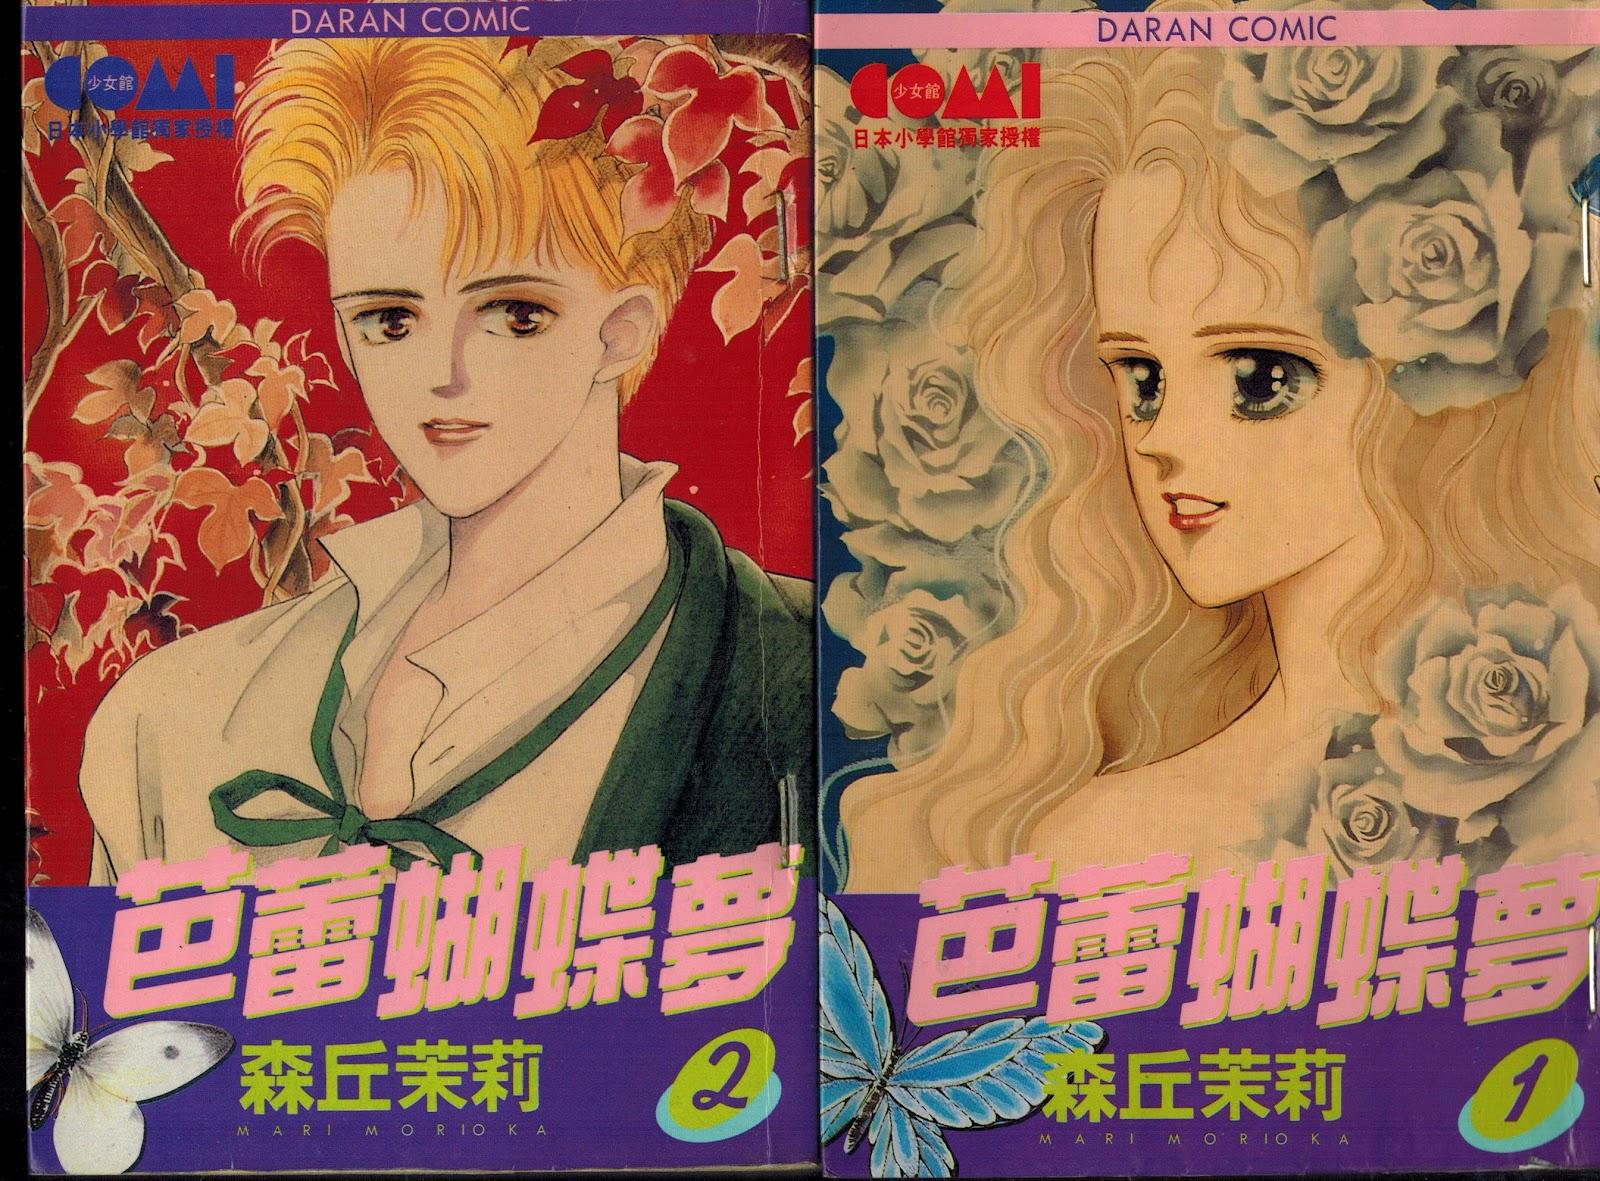 古妮之部屋-kukubookshop.com(二手漫畫店): DD-森丘茉莉 漫畫作品 (MARI MORIO KA)